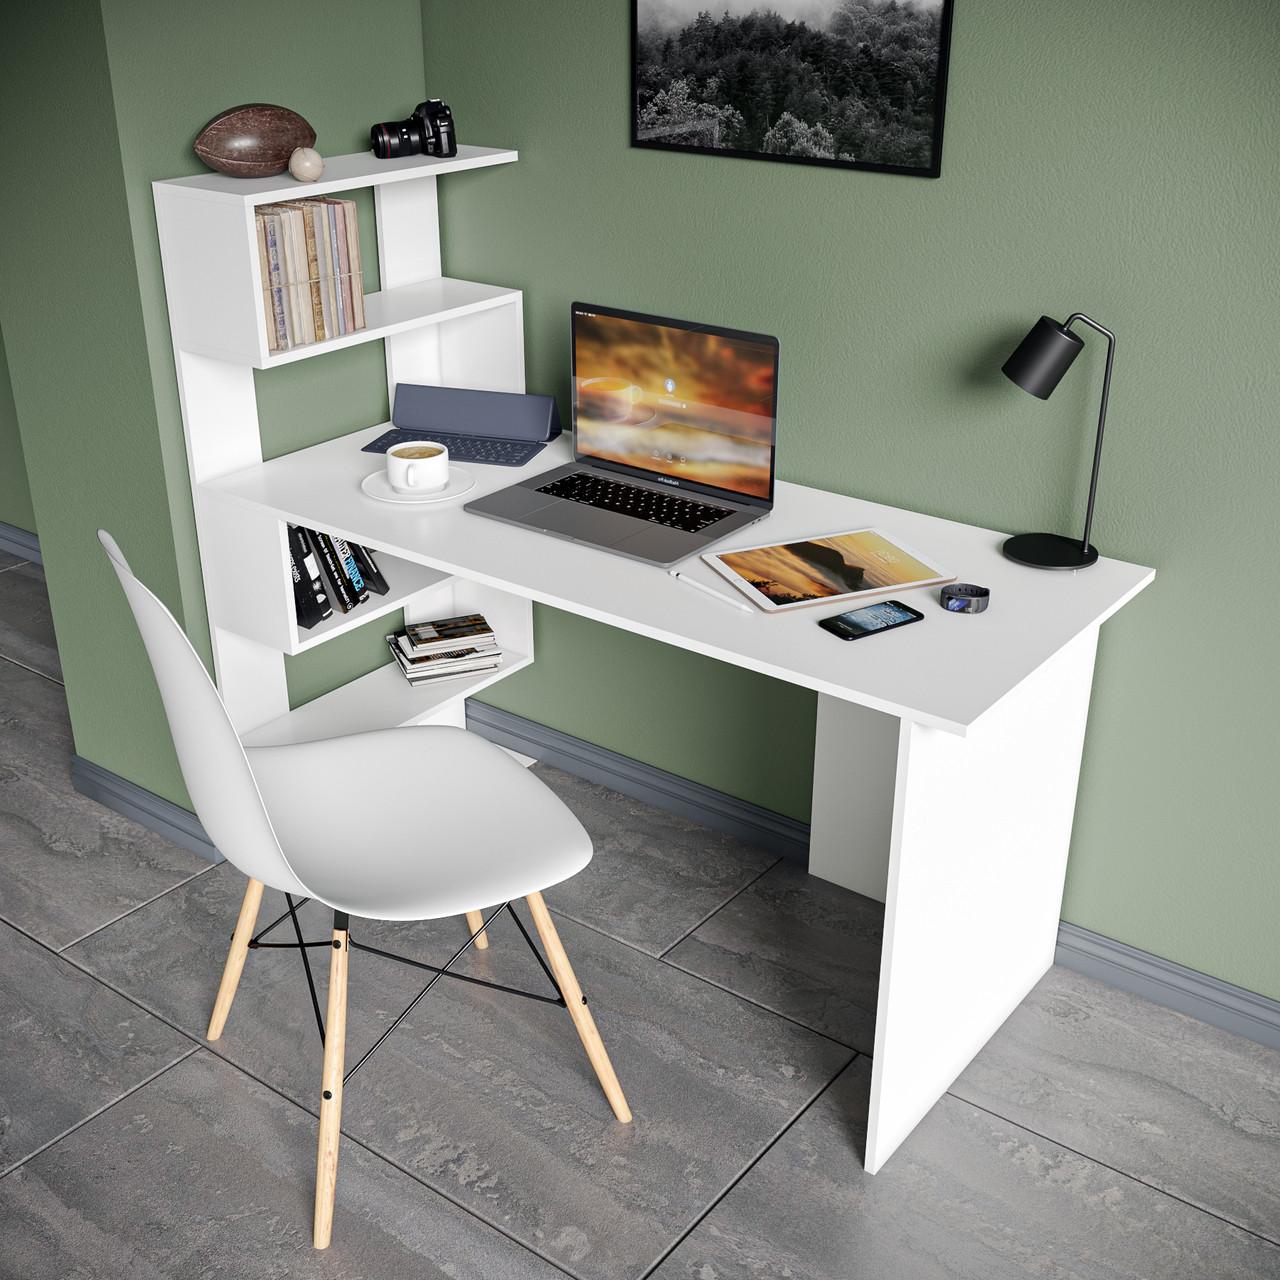 Стол письменный с полками слева, для ноутбука и компьютера S-24